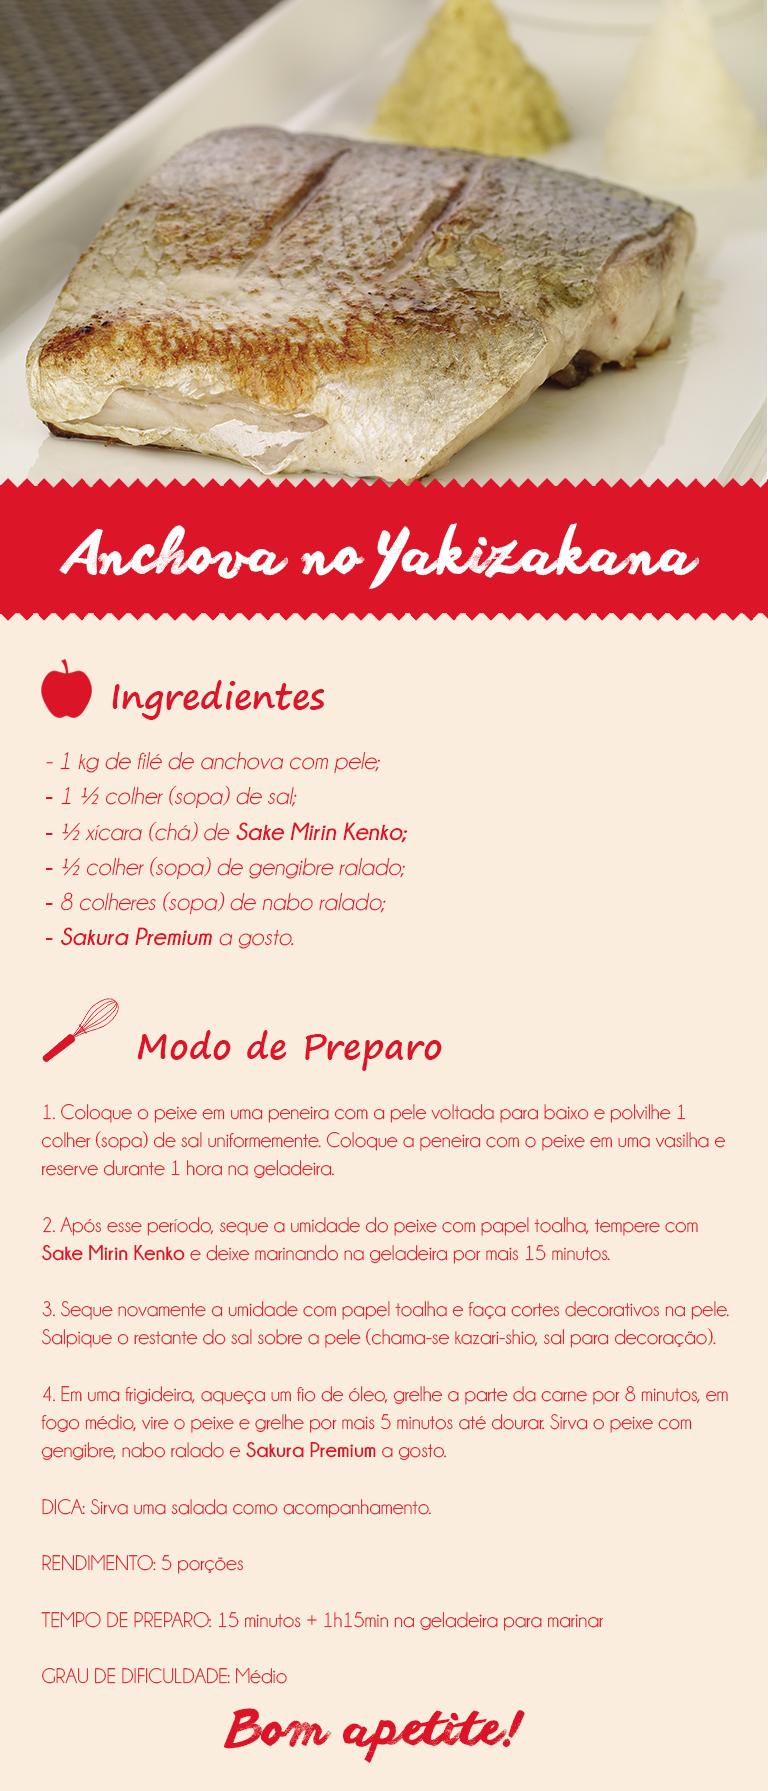 anchova-no-yakizakana